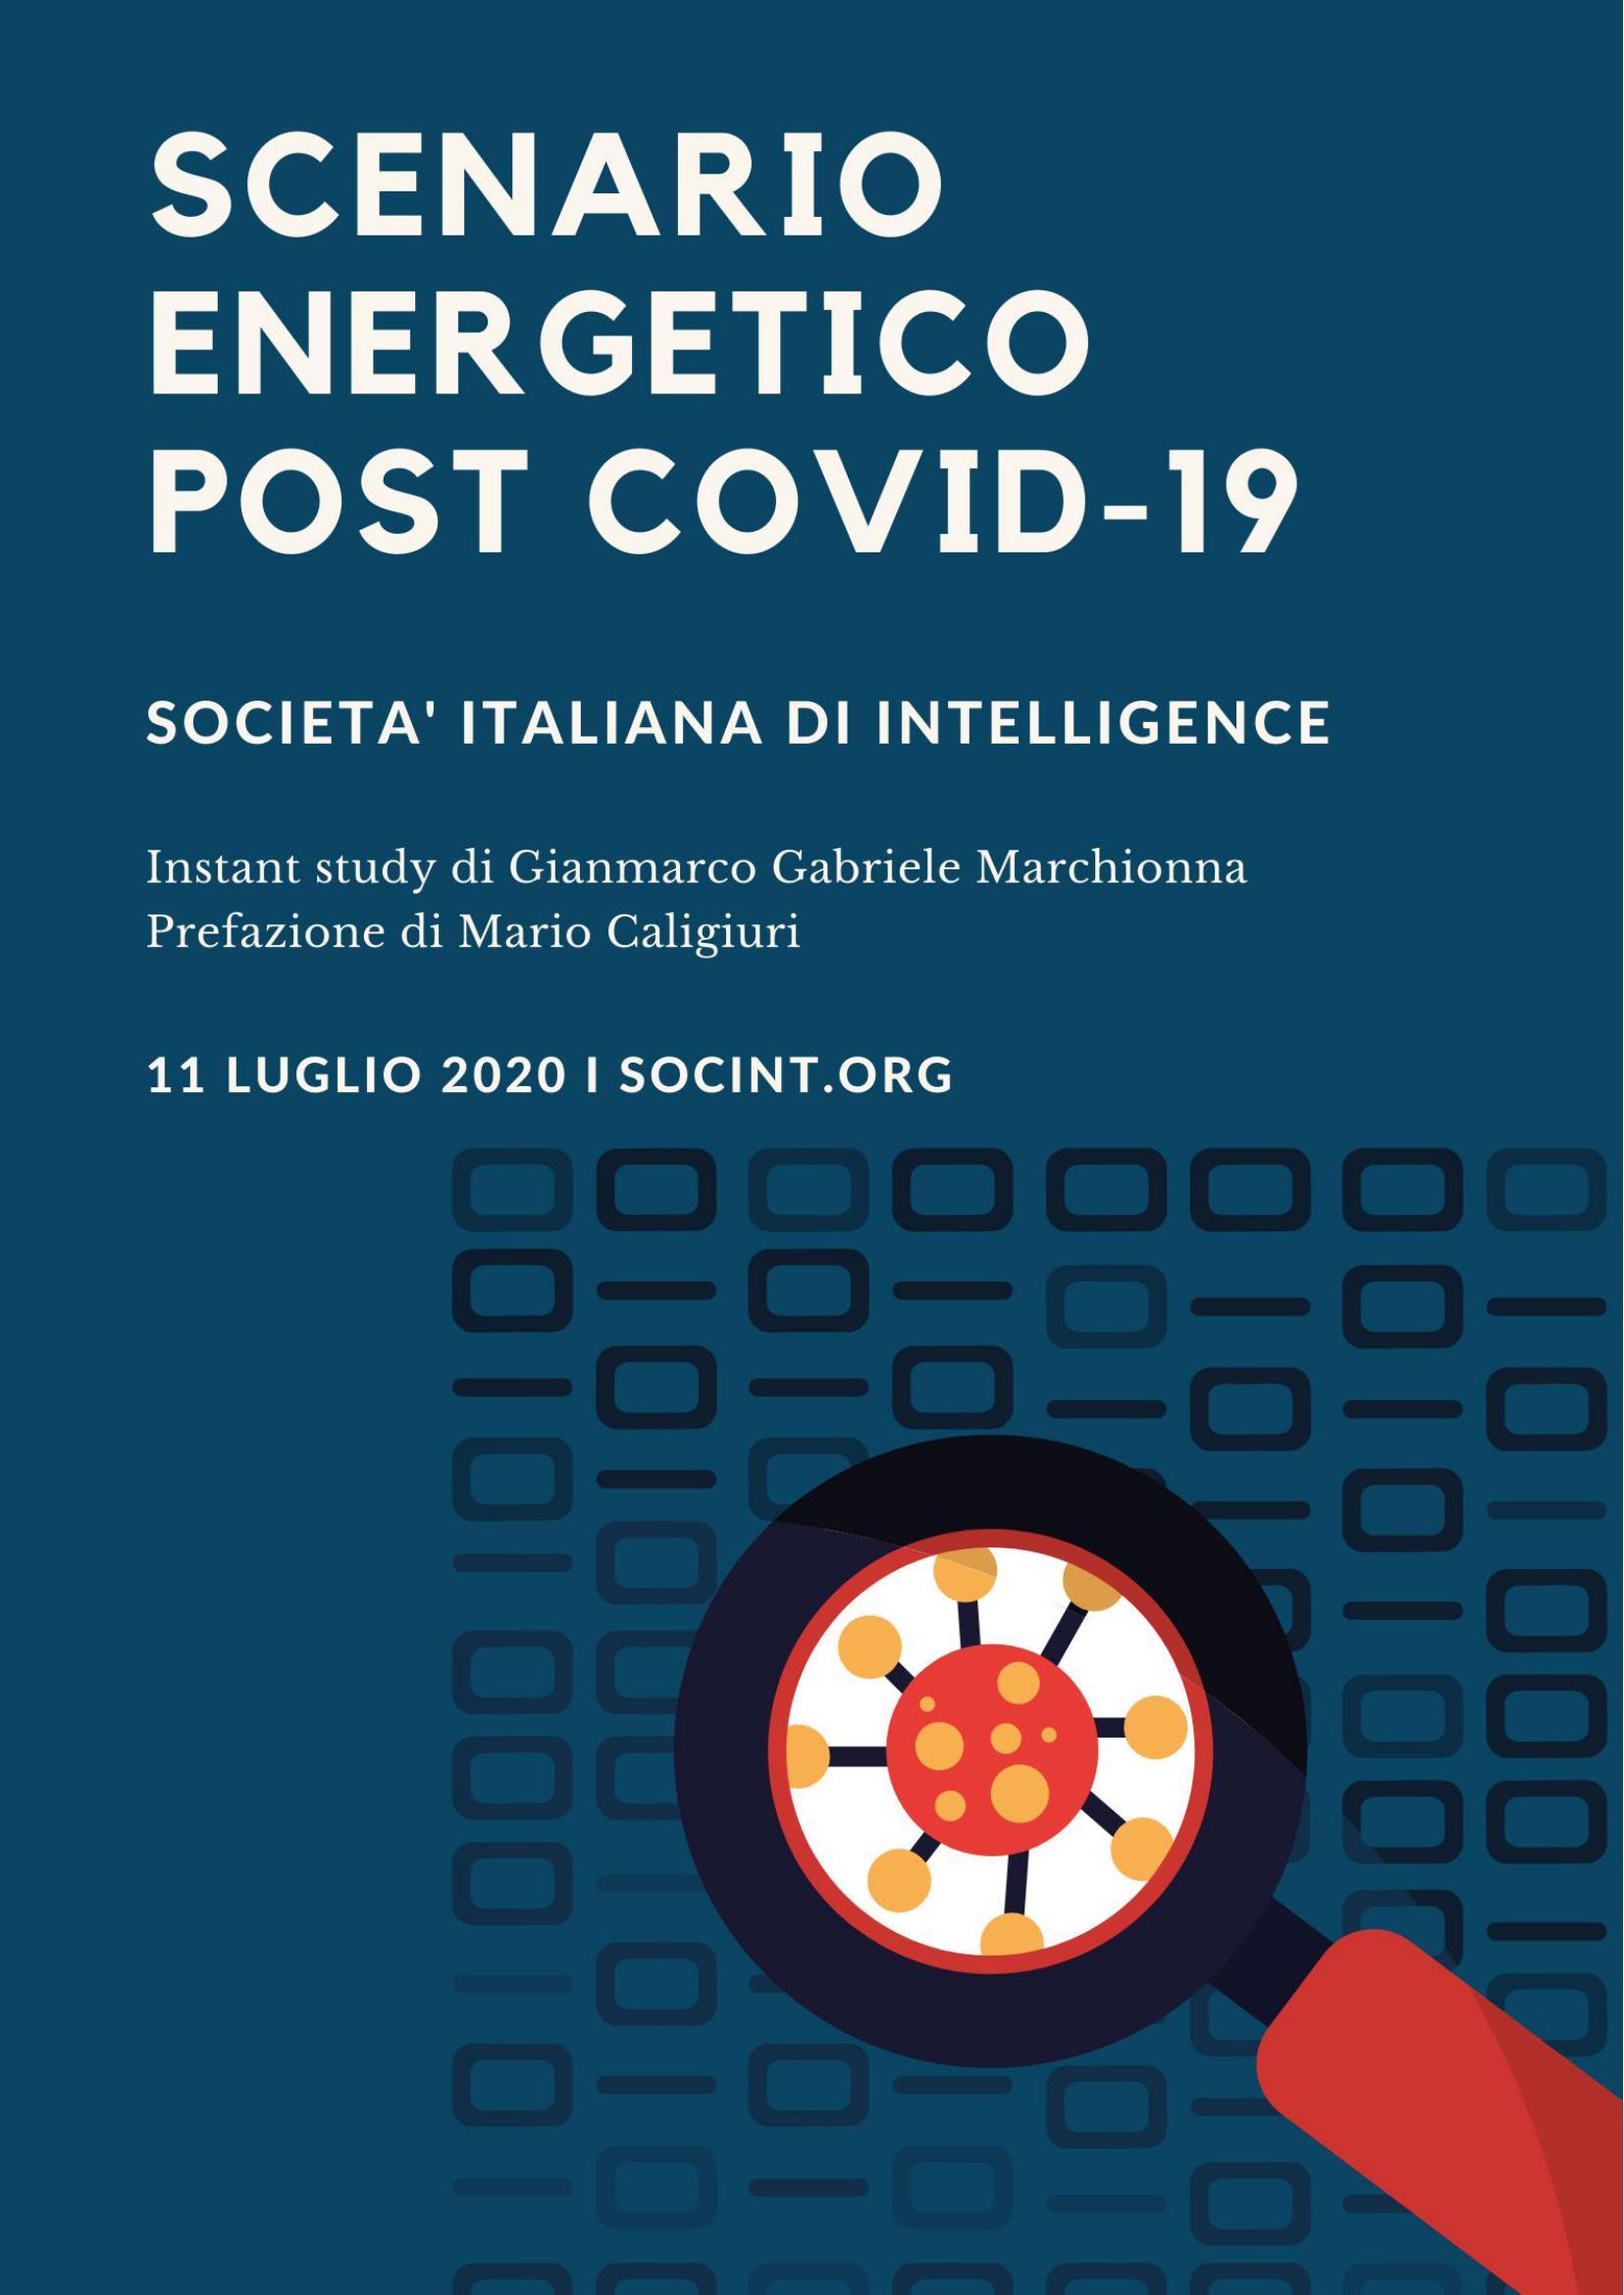 Sicurezza energetica, analisi degli scenari post pandemia COVID-19